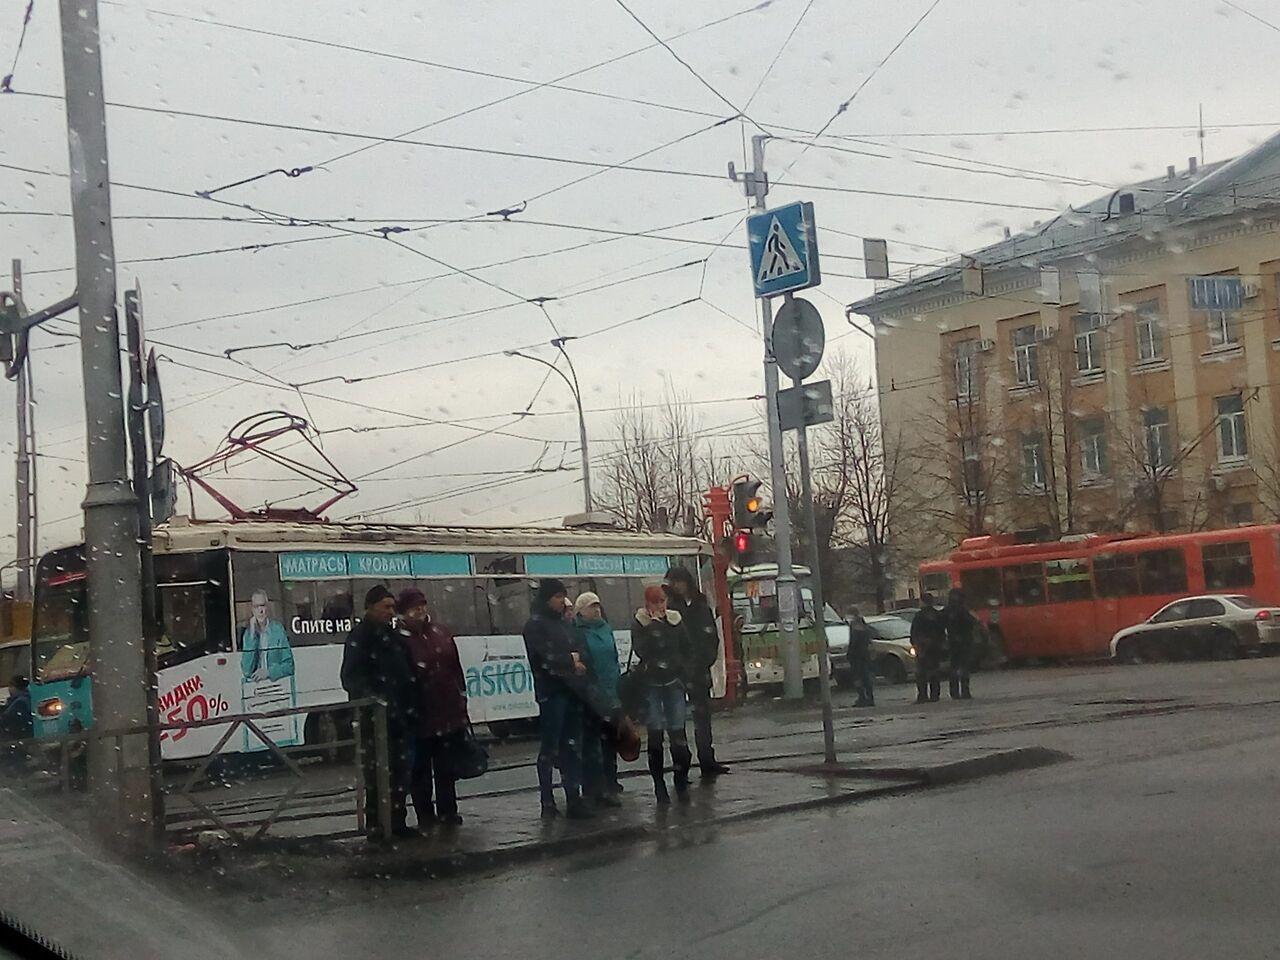 ВКурске трамвай сошел срельсов: есть пострадавшие